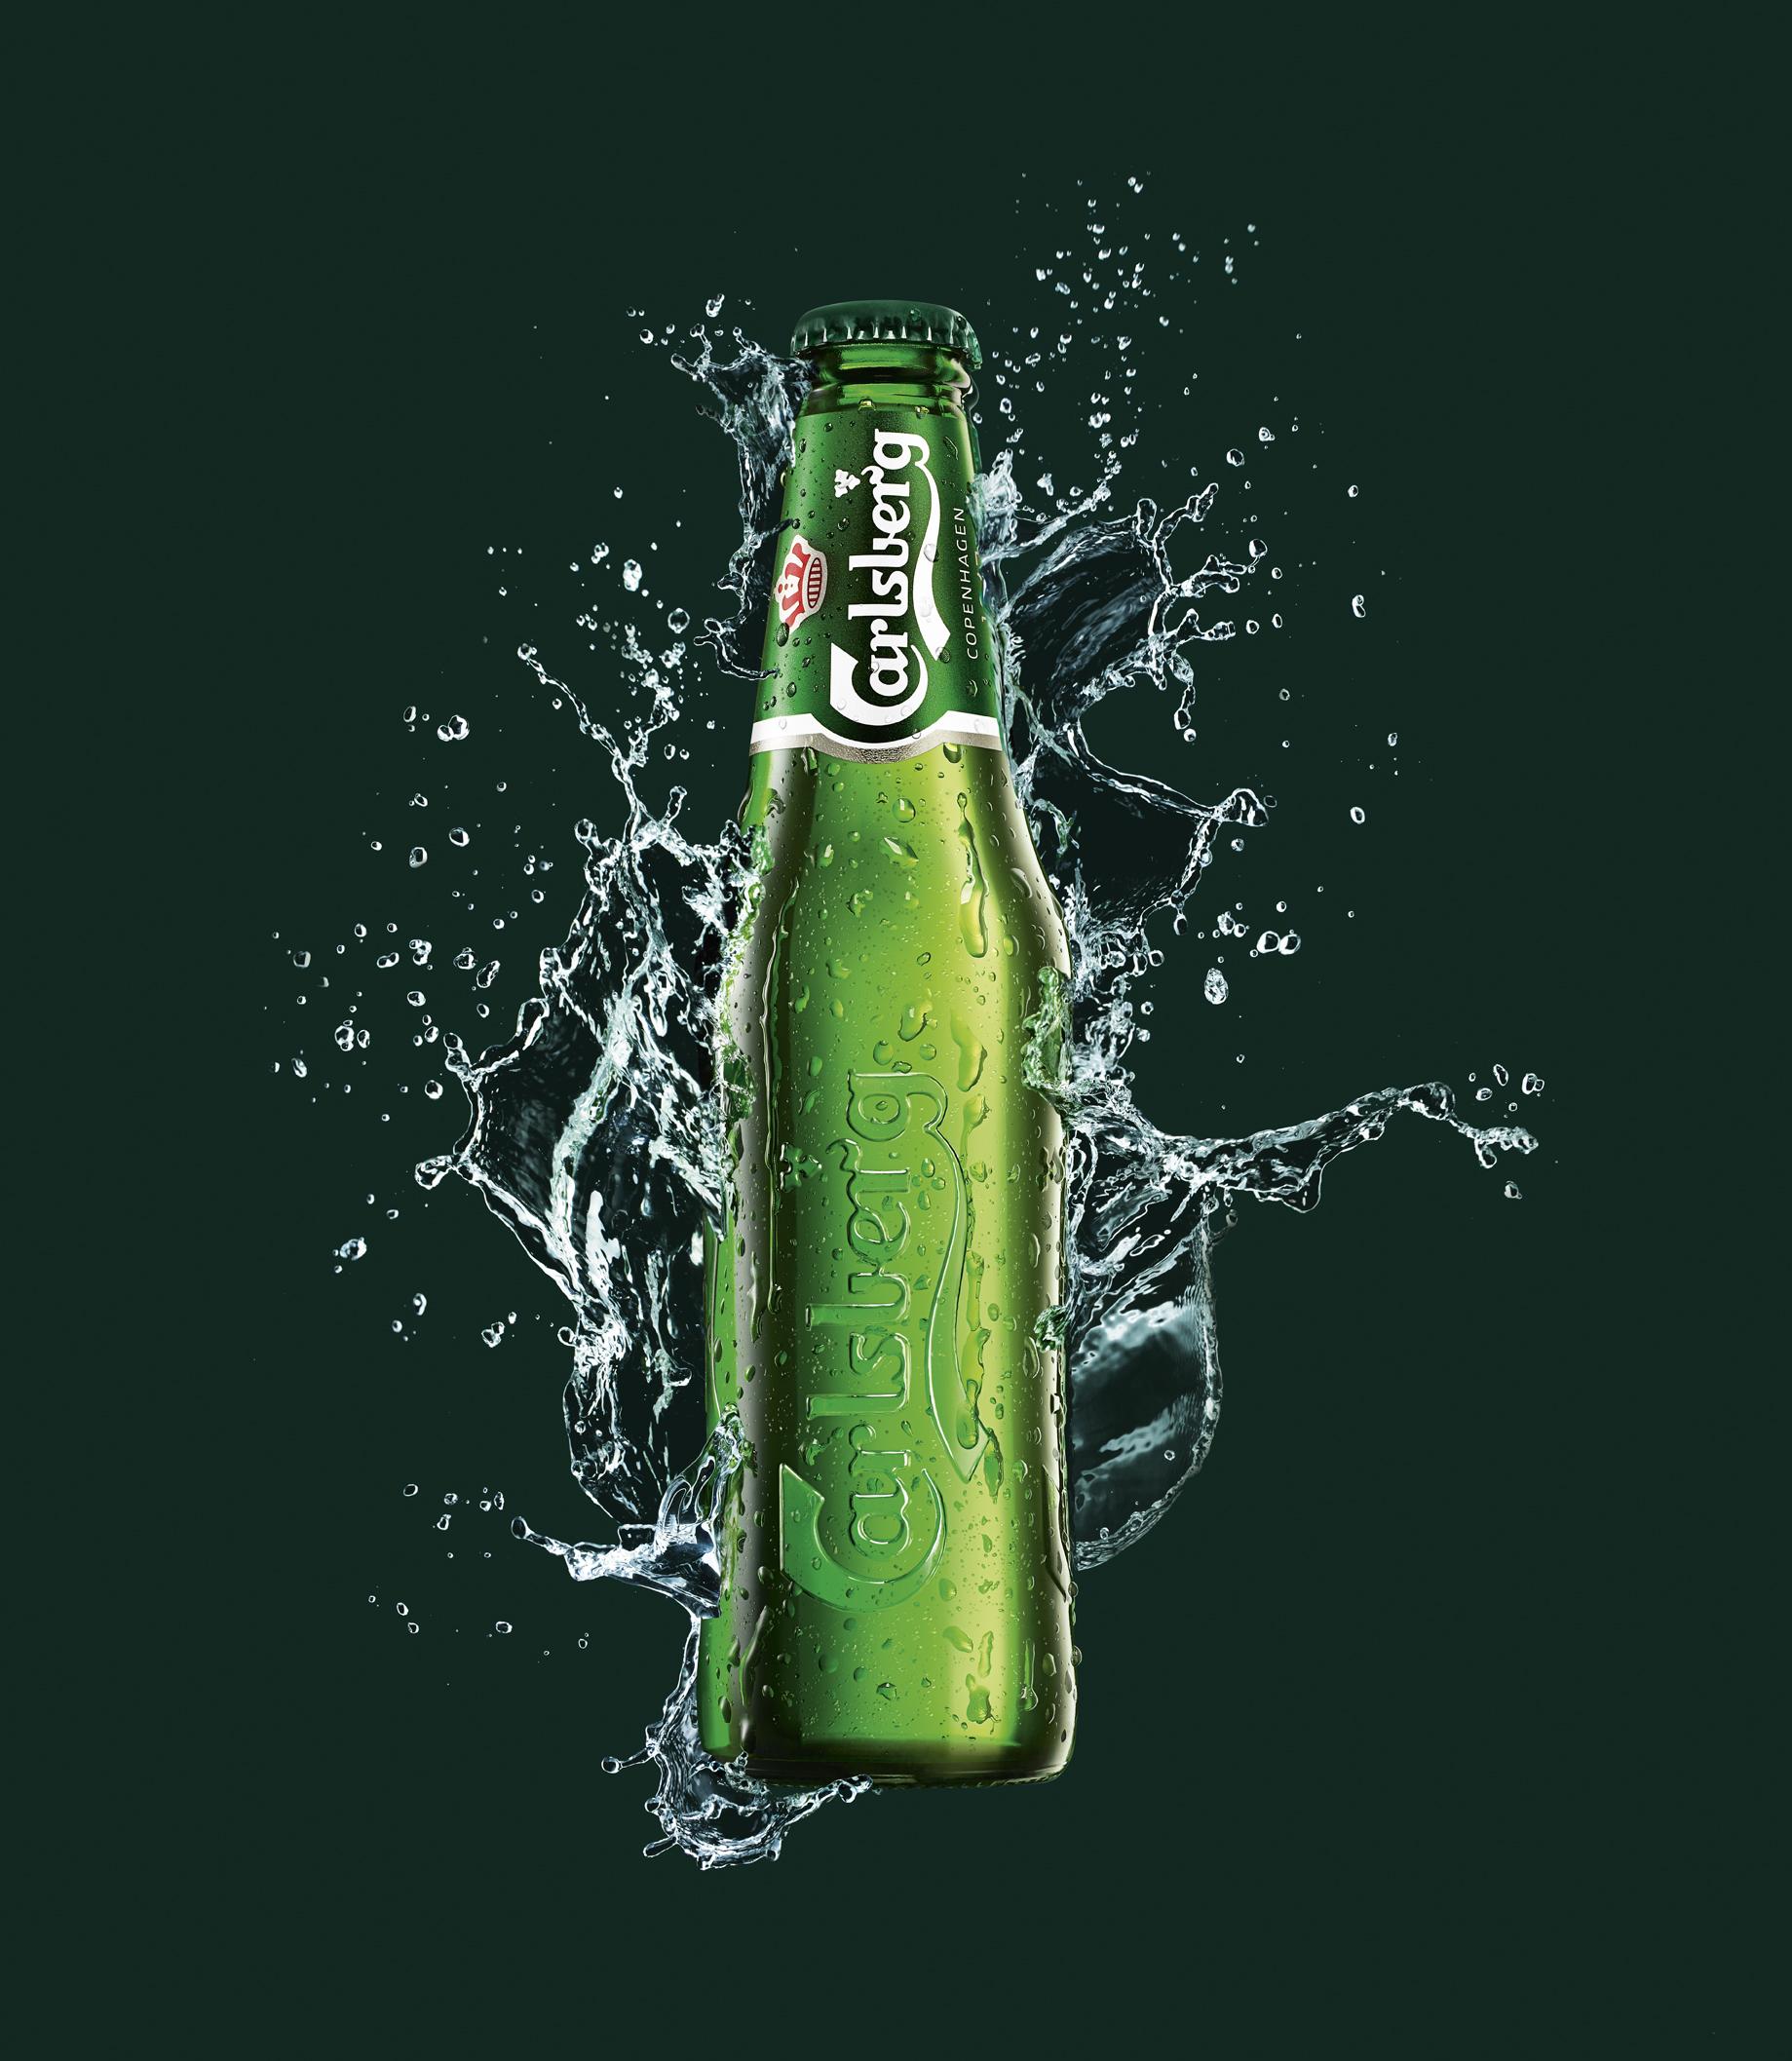 Фото: Бутылка пива «Carlsberg».